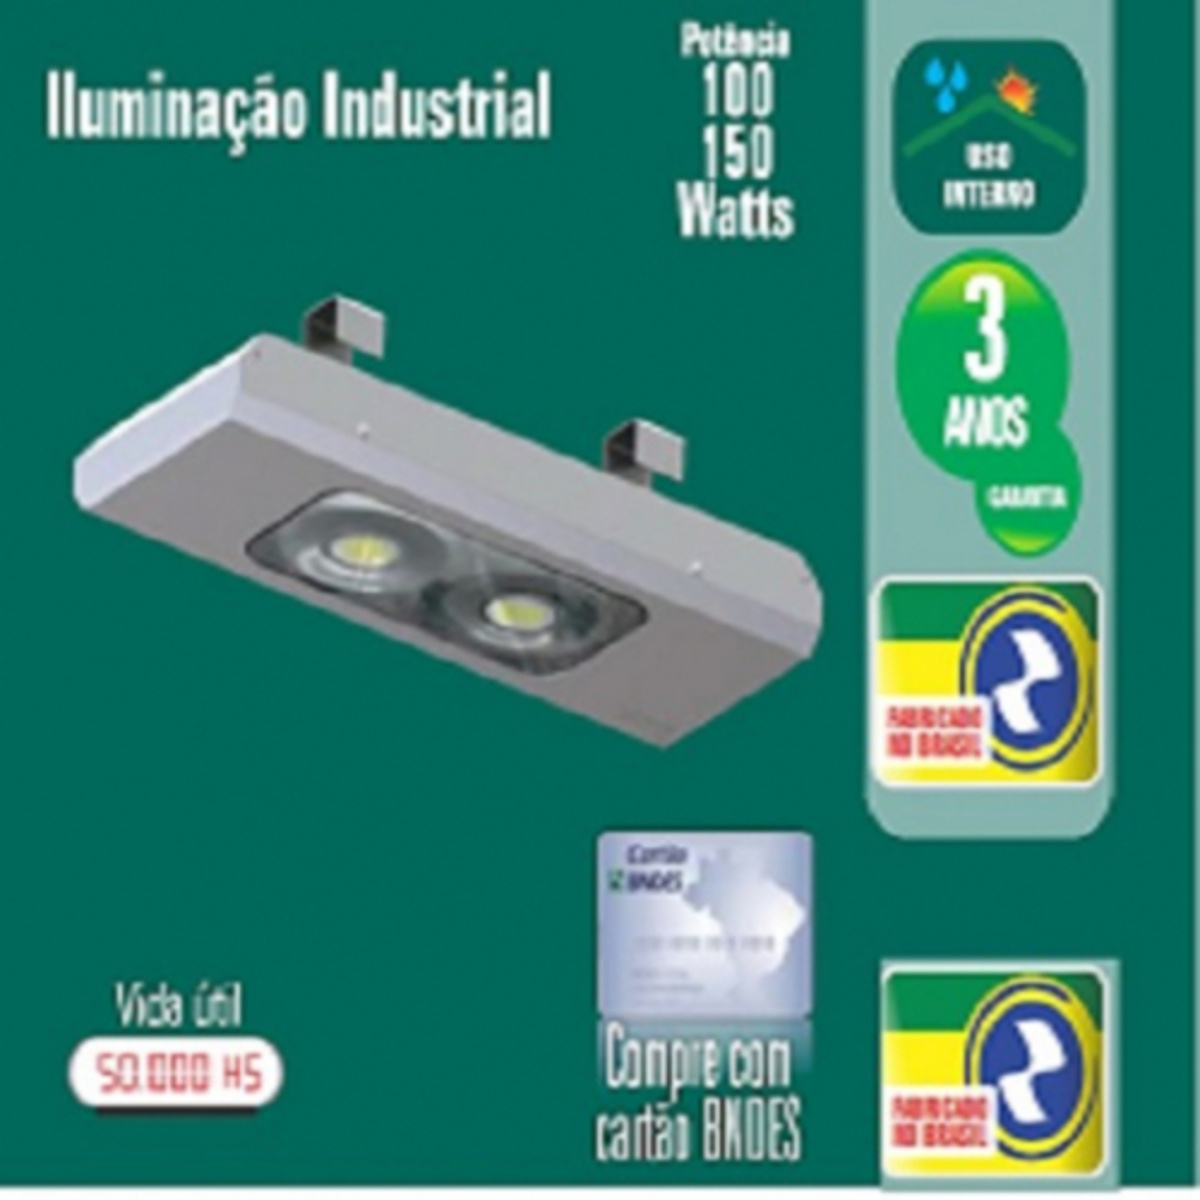 LUMINÁRIA LED 100W INDUSTRIAL10800LM 120º 6000K IP65 IRC 80 ZL-3405 INTERNO ZAGONEL